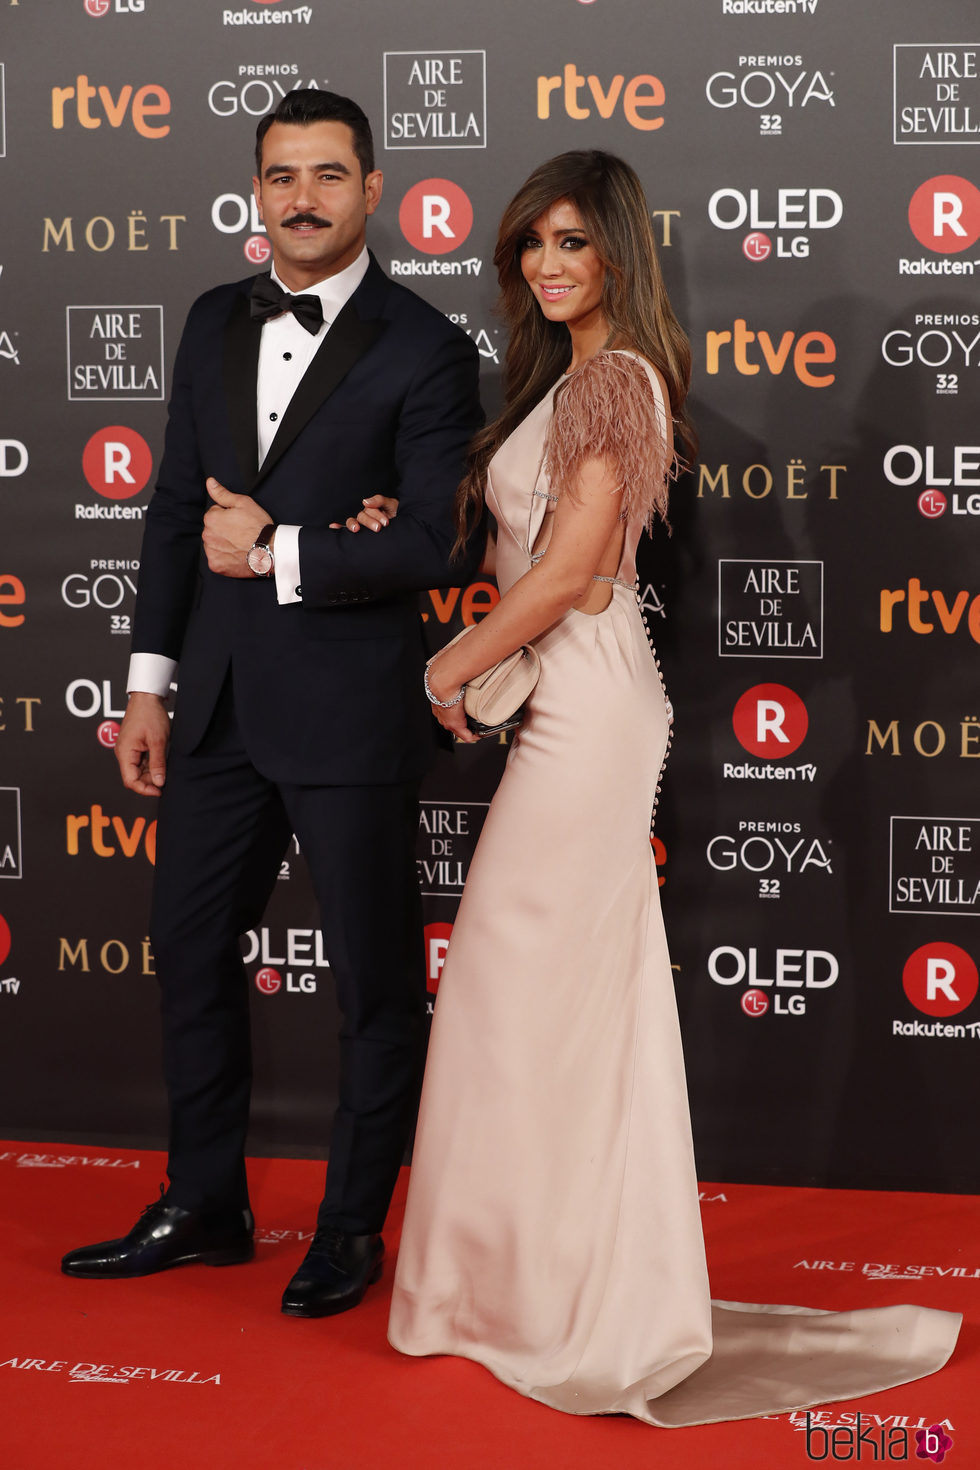 Antonio Velázquez y Marta González en la alfombra roja de los Premios Goya 2018